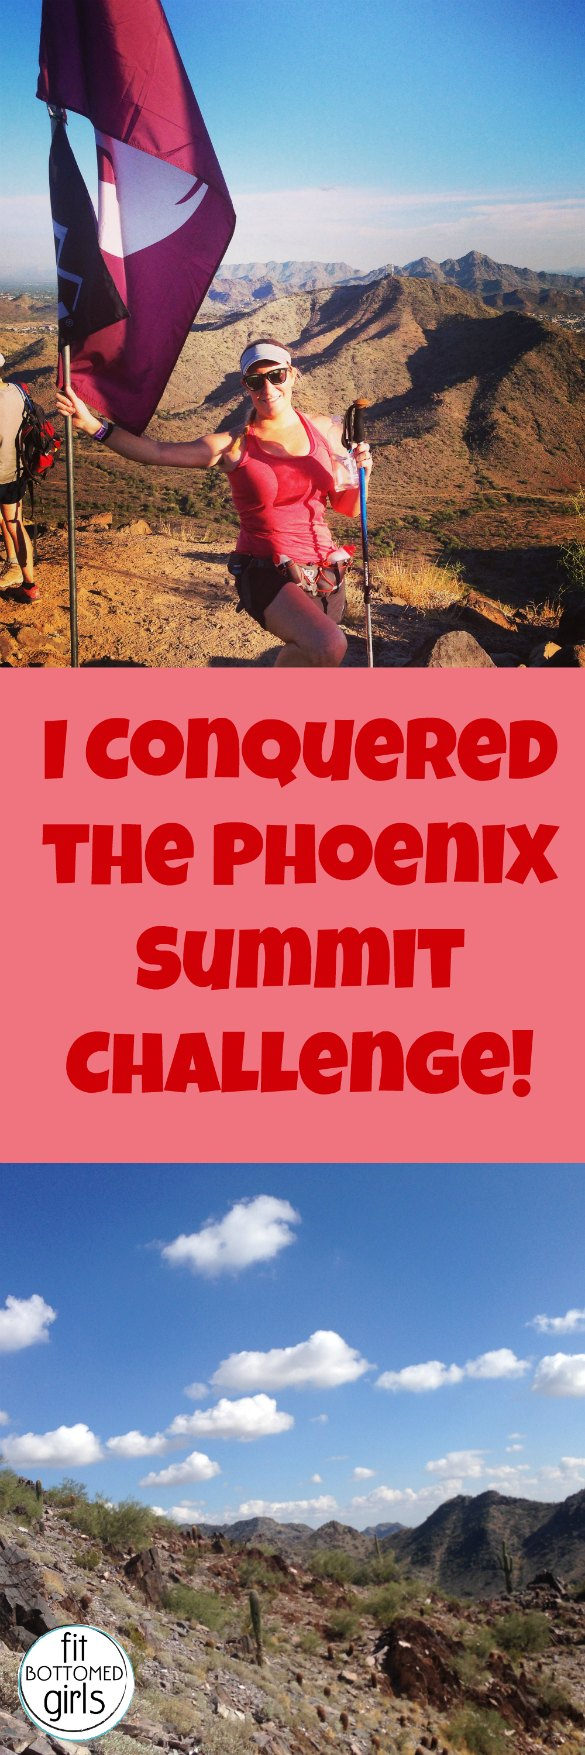 phoenix-summit-challenge